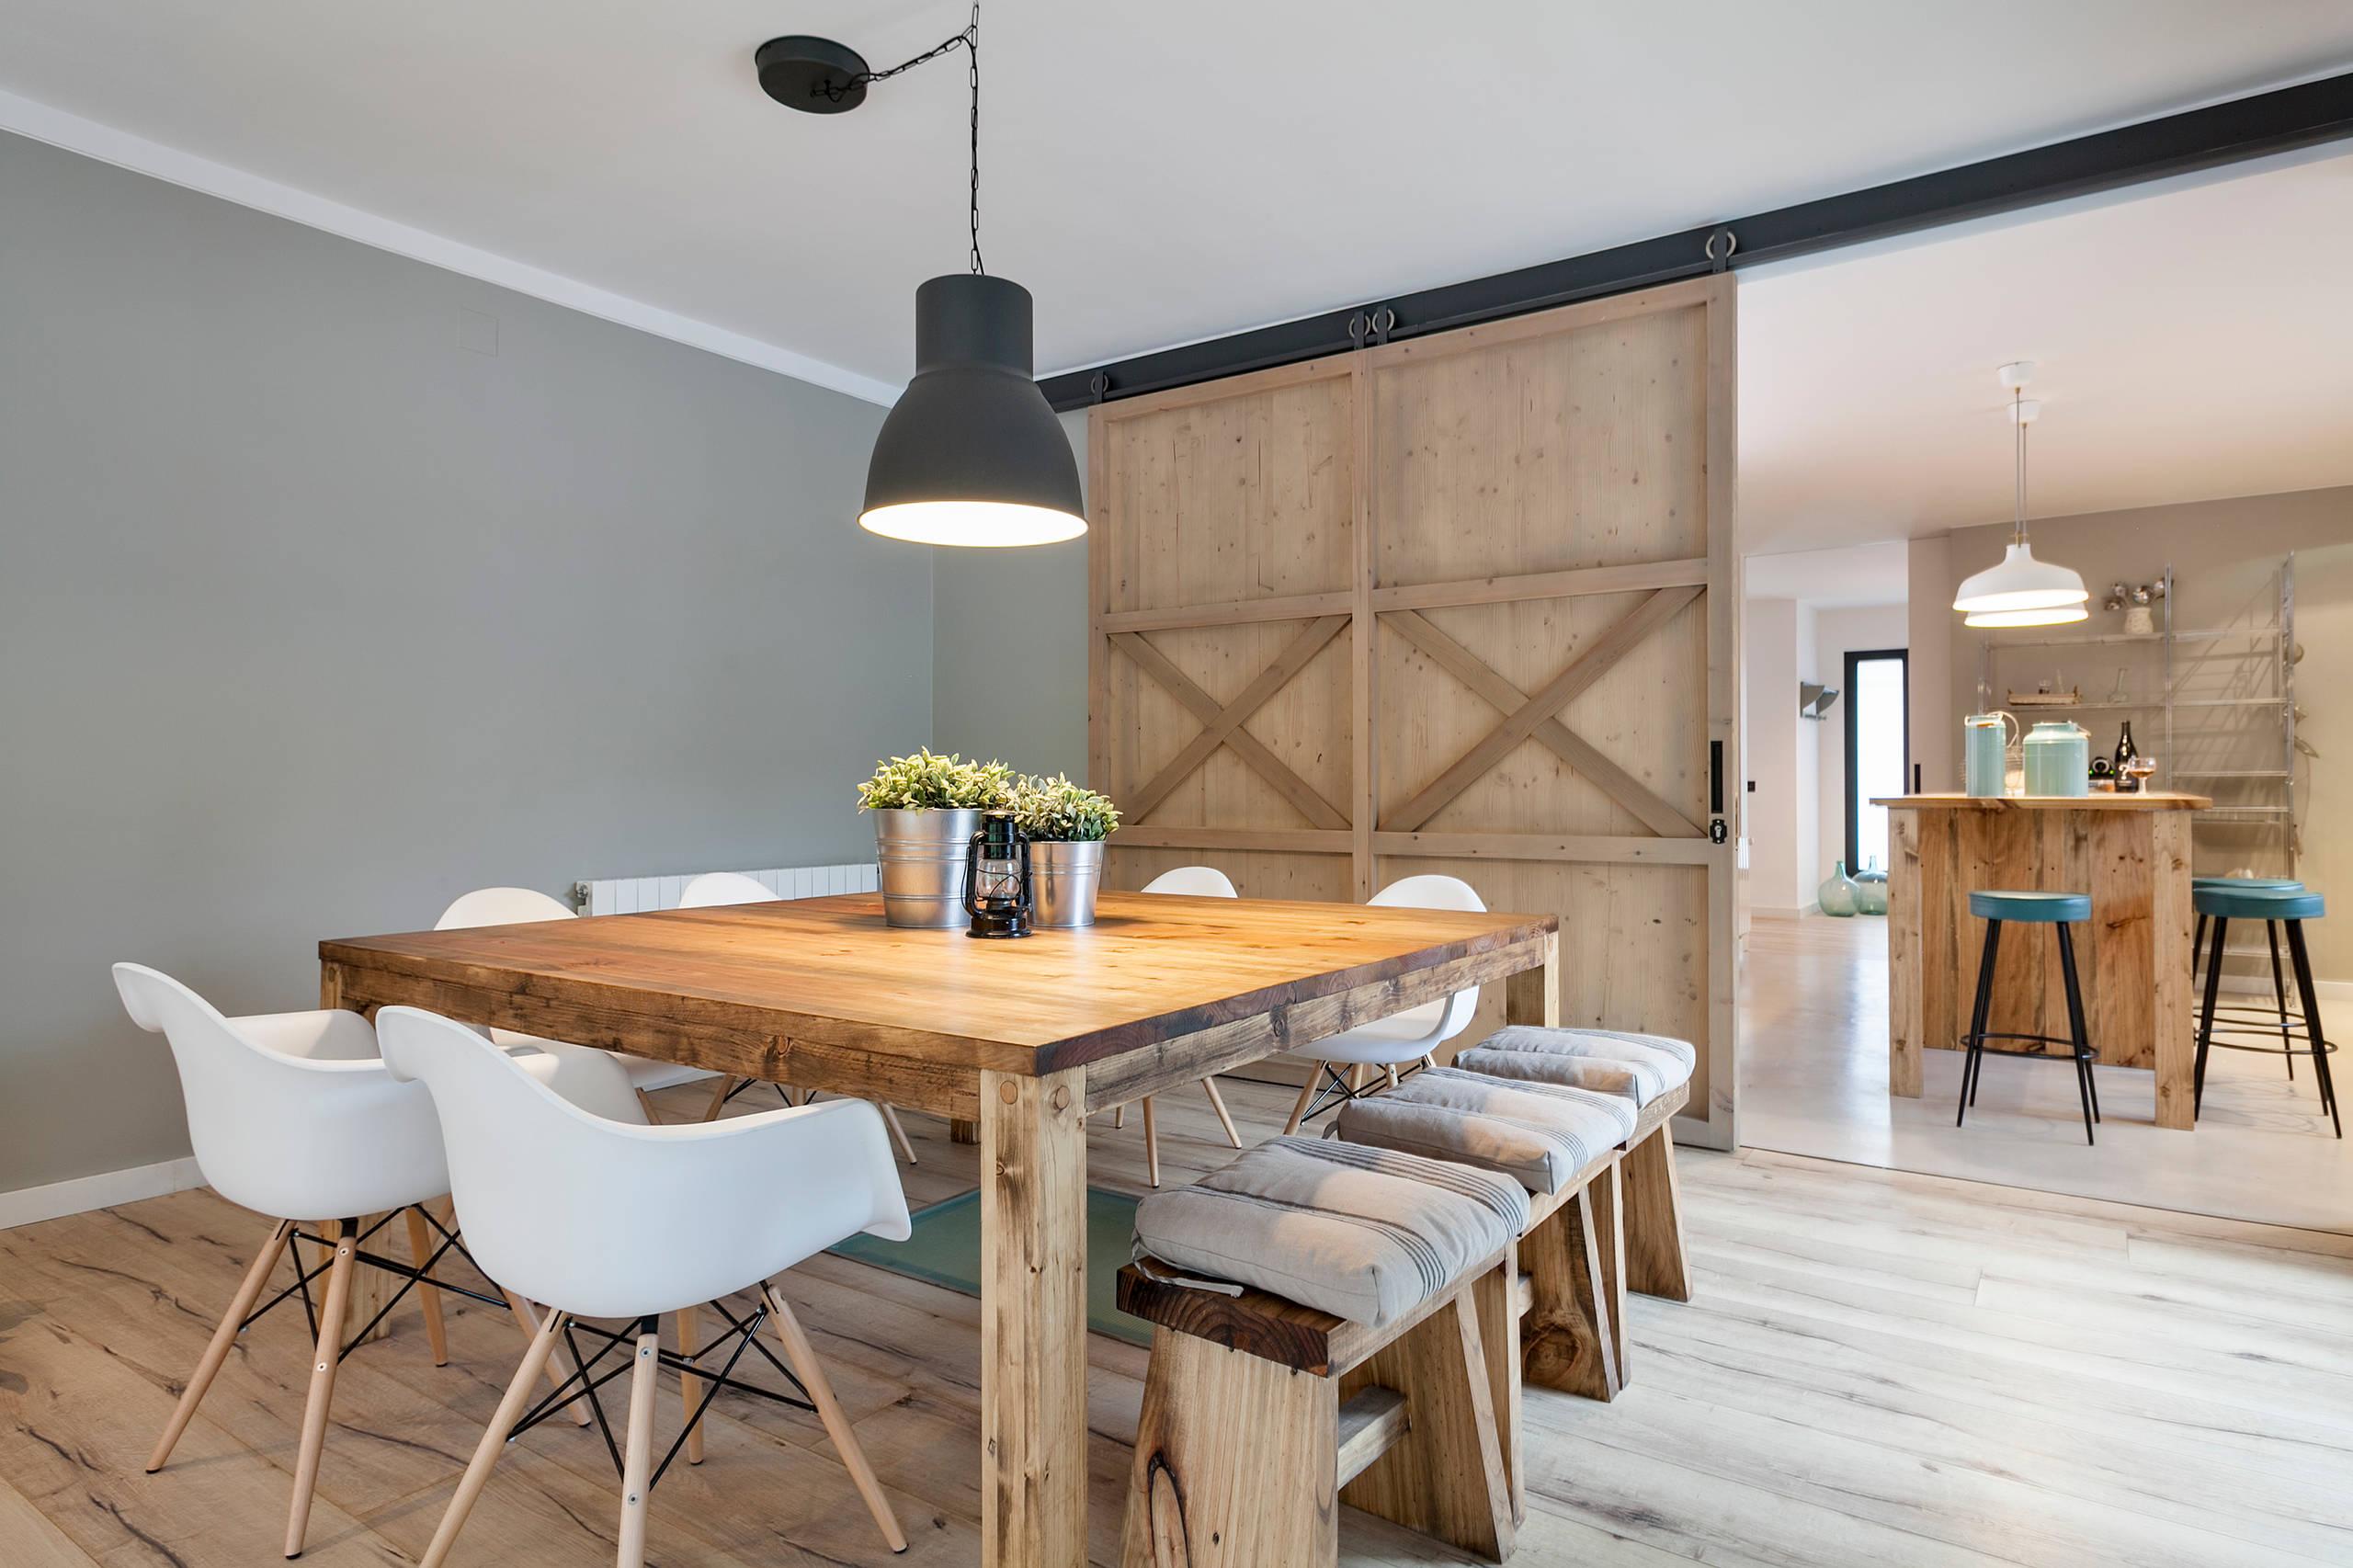 Estilo n rdico en qu consiste blog de muebles y for Casas estilo nordico